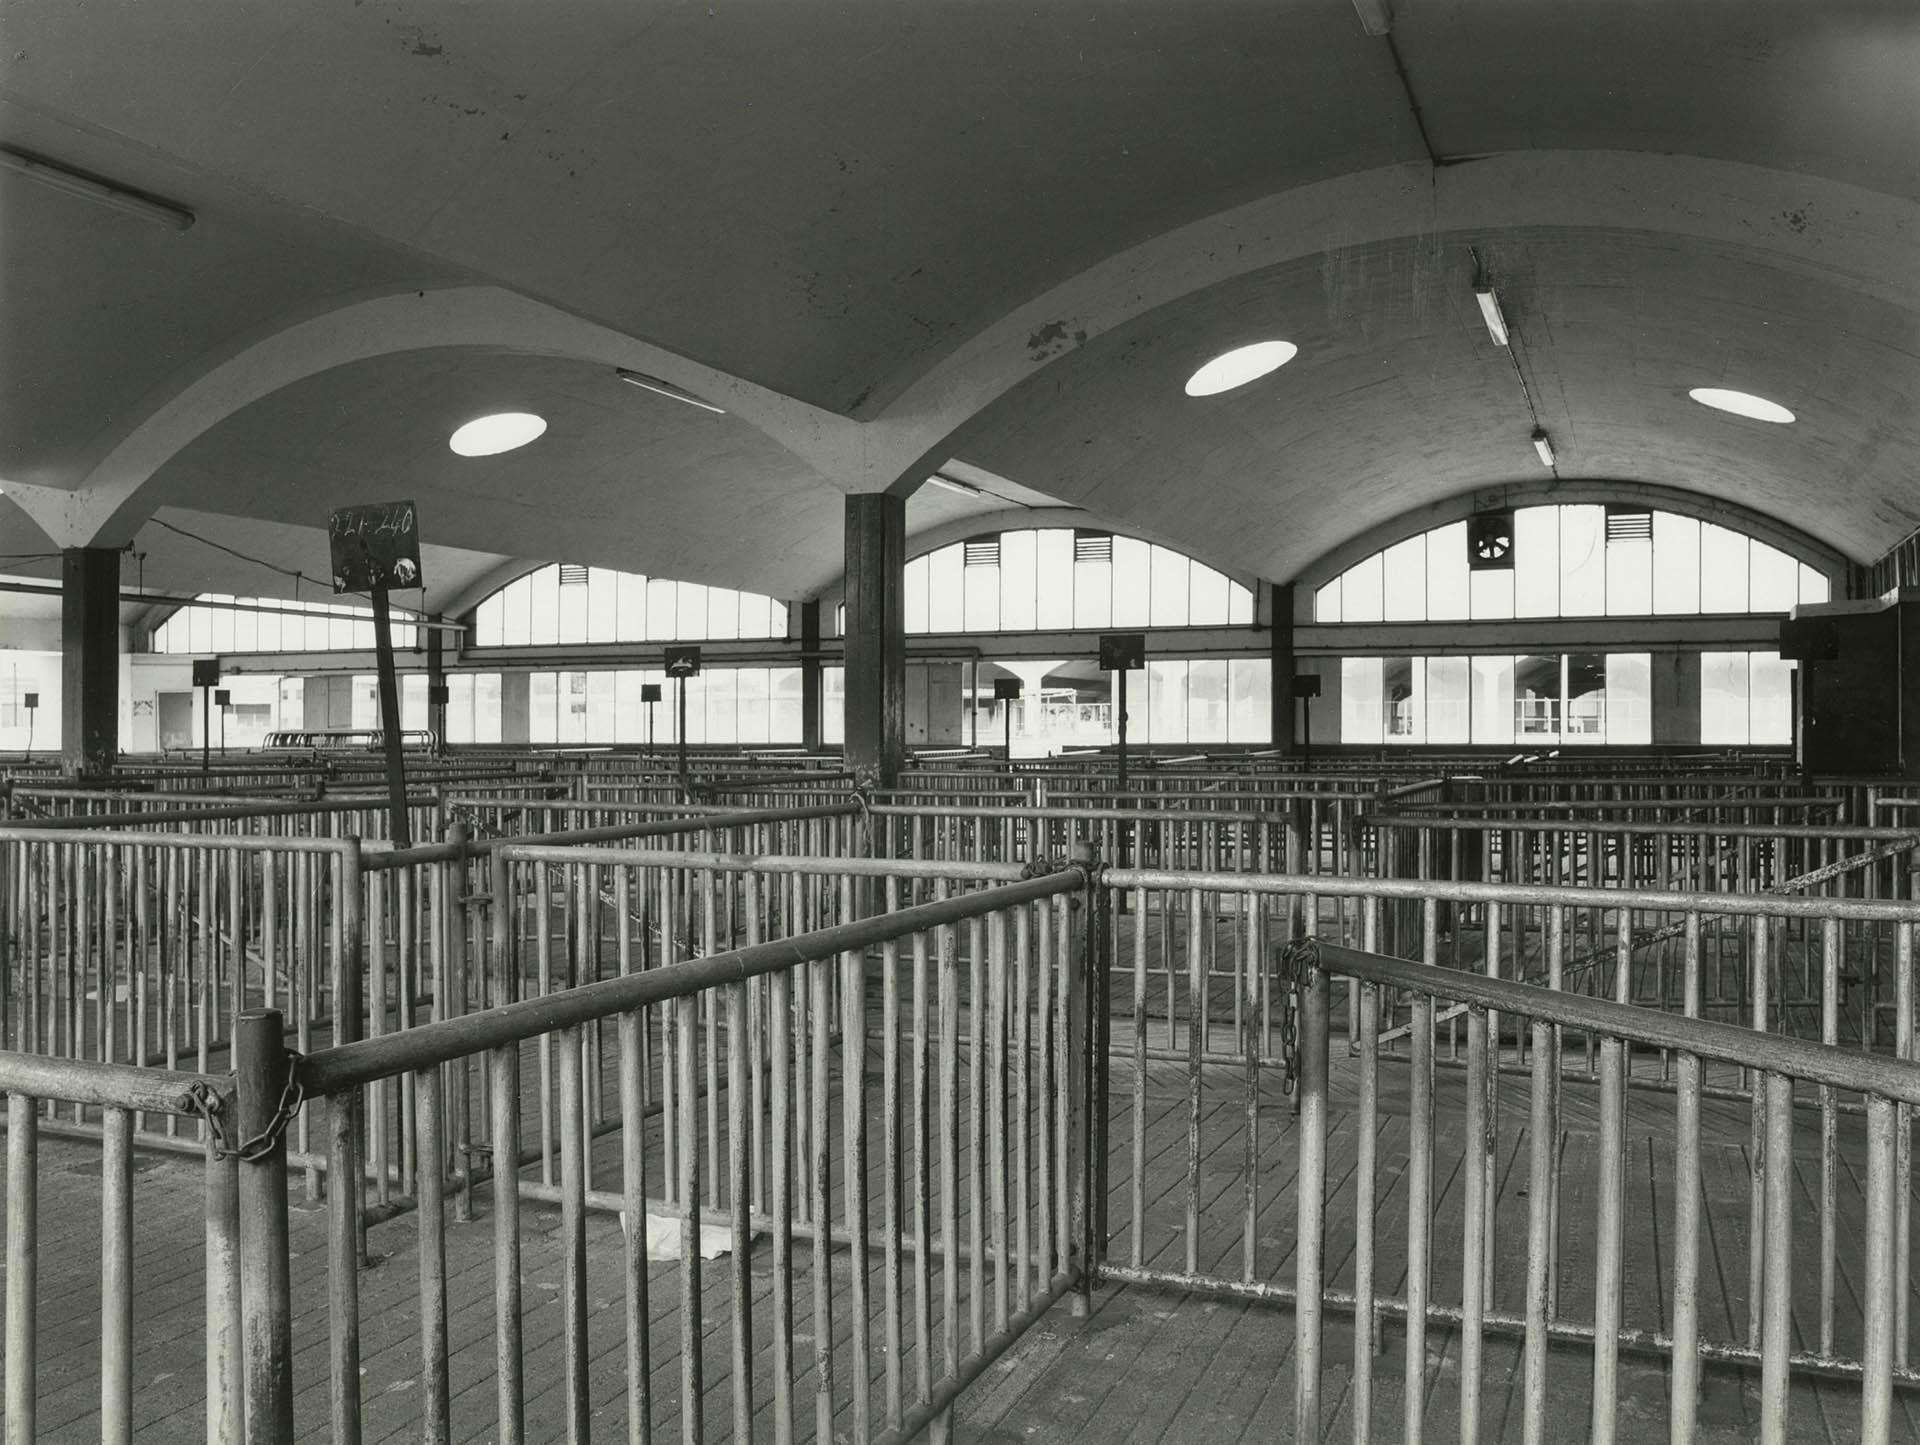 Photolanguage Gloucester Cattle Market - Web DOC289